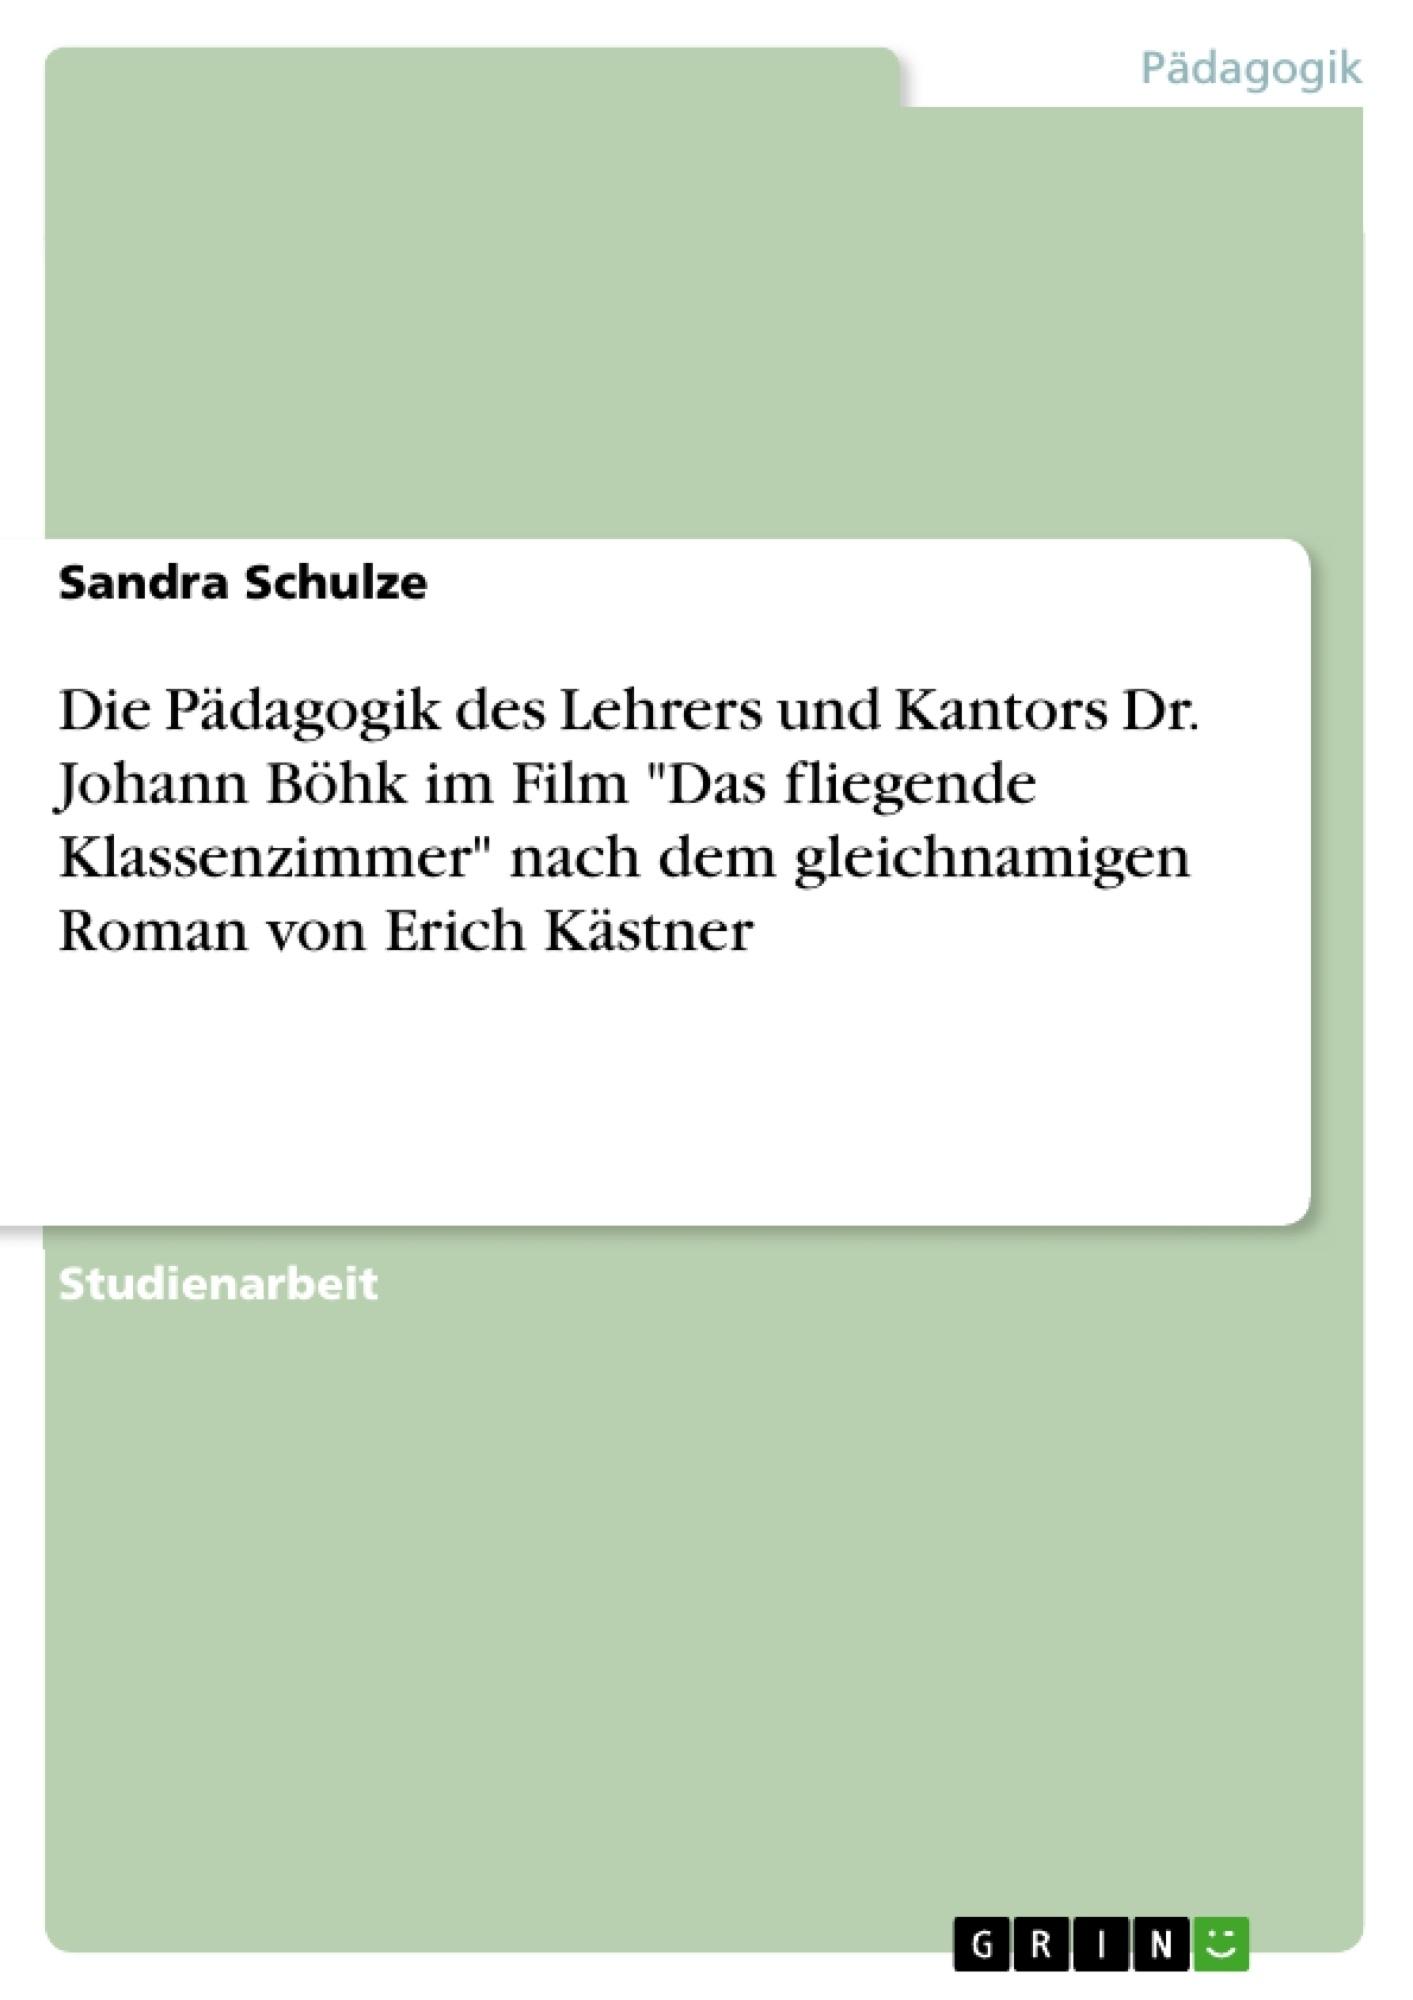 """Titel: Die Pädagogik des Lehrers und Kantors Dr. Johann Böhk im Film """"Das fliegende Klassenzimmer"""" nach dem gleichnamigen Roman von Erich Kästner"""